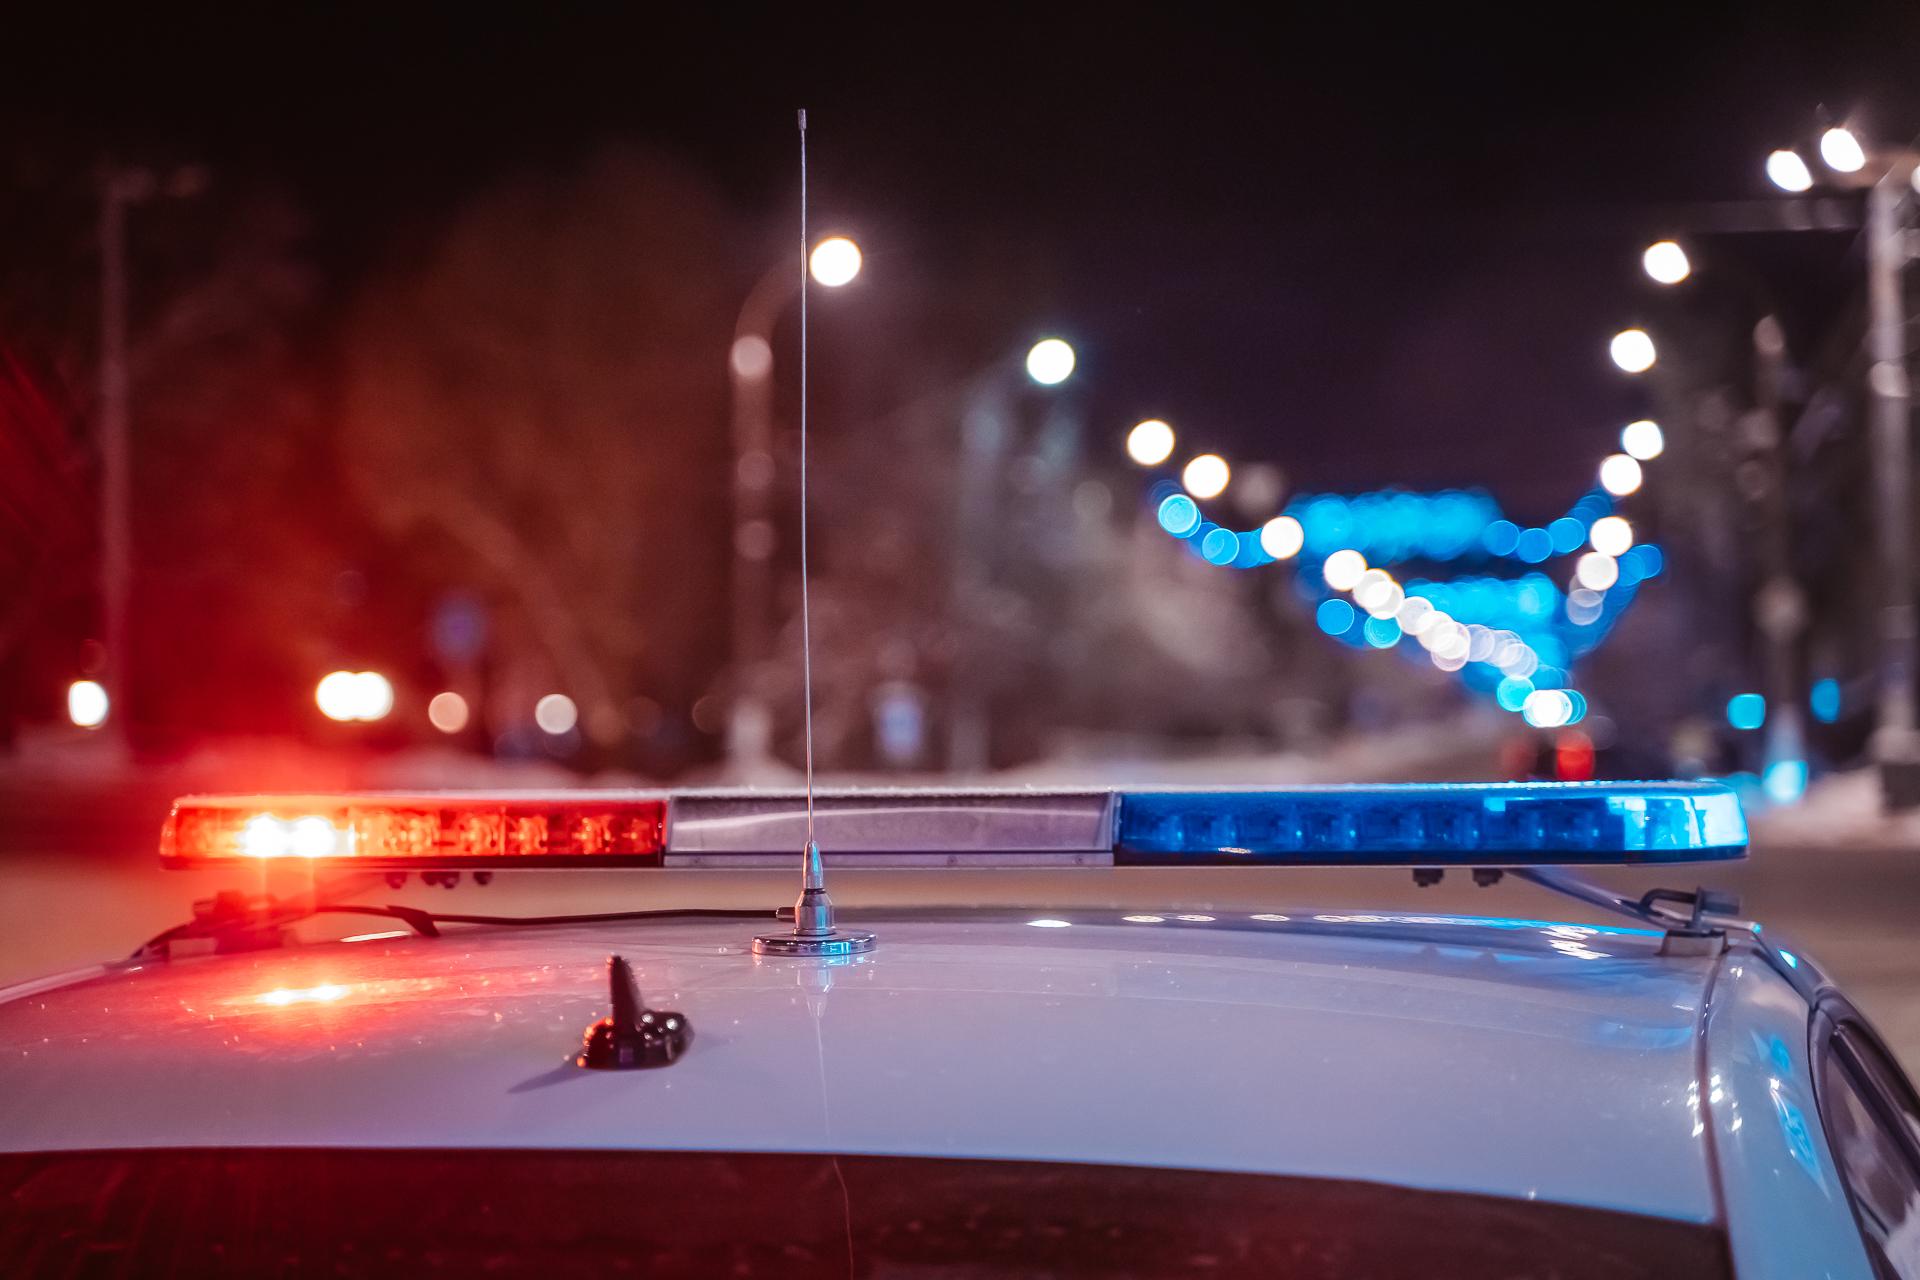 В ДТП на М-10 в Тверской области погибла женщина-водитель